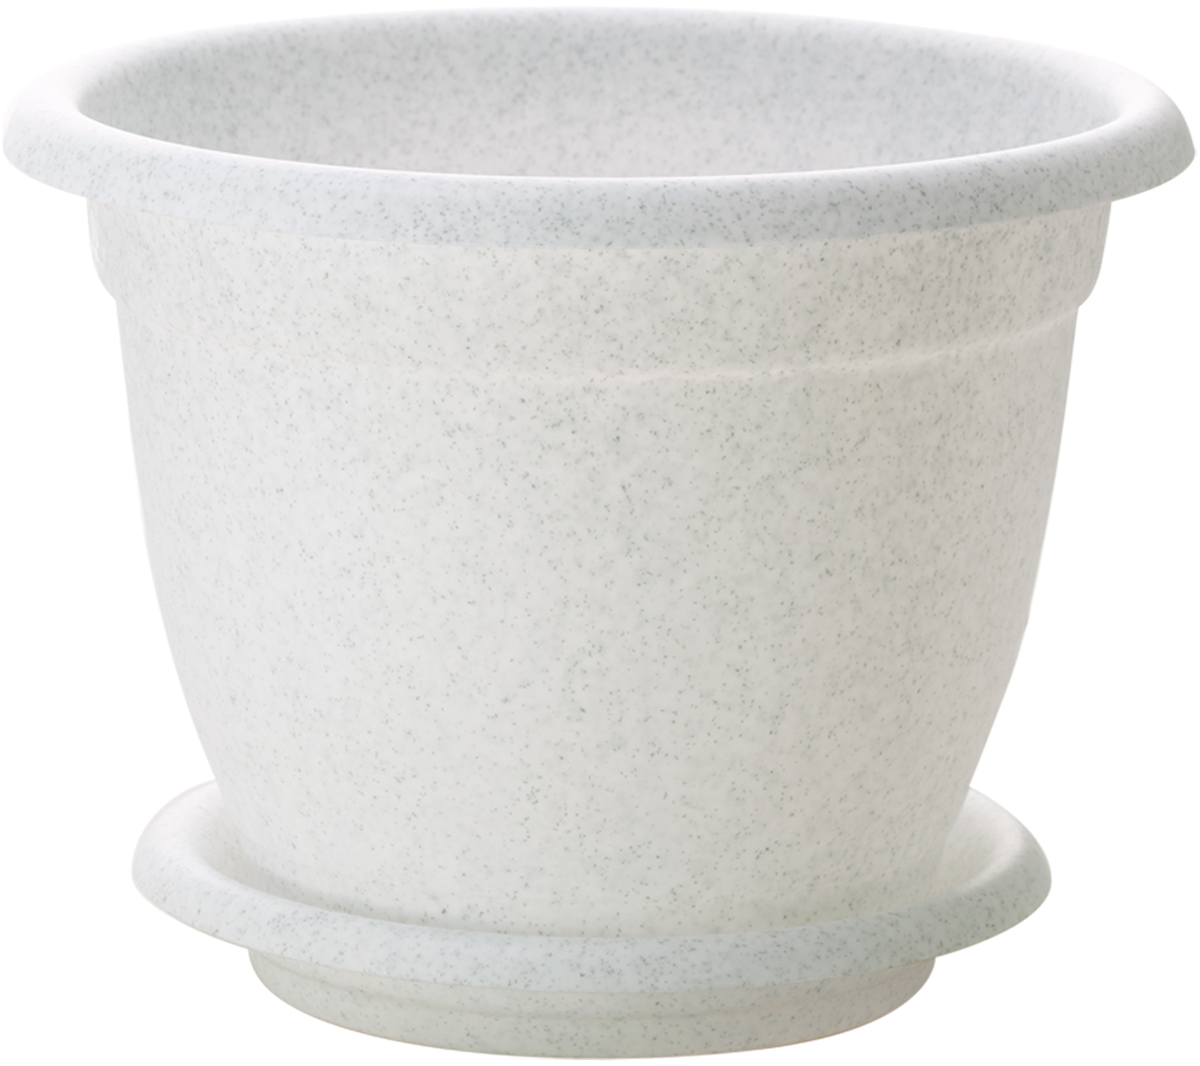 Горшок для цветов InGreen Борнео, с поддоном, цвет: мраморный, диаметр 17 смING42017FМРГоршок InGreen Борнео, выполненный из высококачественного полипропилена, имеет дренажные отверстия, что способствует выведению лишней влаги из почвы и предотвращает гниение корневой системы растения. К горшку прилагается круглый поддон. Он прочно фиксируется к изделию, благодаря специальной крепежной системе, обеспечивая удобство эксплуатации. Между стенкой горшка и поддоном есть зазор, который позволяет испаряться лишней влаге и дает возможность прикорневого полива растения. Предназначен для выращивания цветов, растений и трав.Такой горшок порадует вас современным дизайном и функциональностью, а также оригинально украсит интерьер помещения. Диаметр горшка: 17 см.Высота горшка: 13,5 см.Диаметр поддона: 13 см.